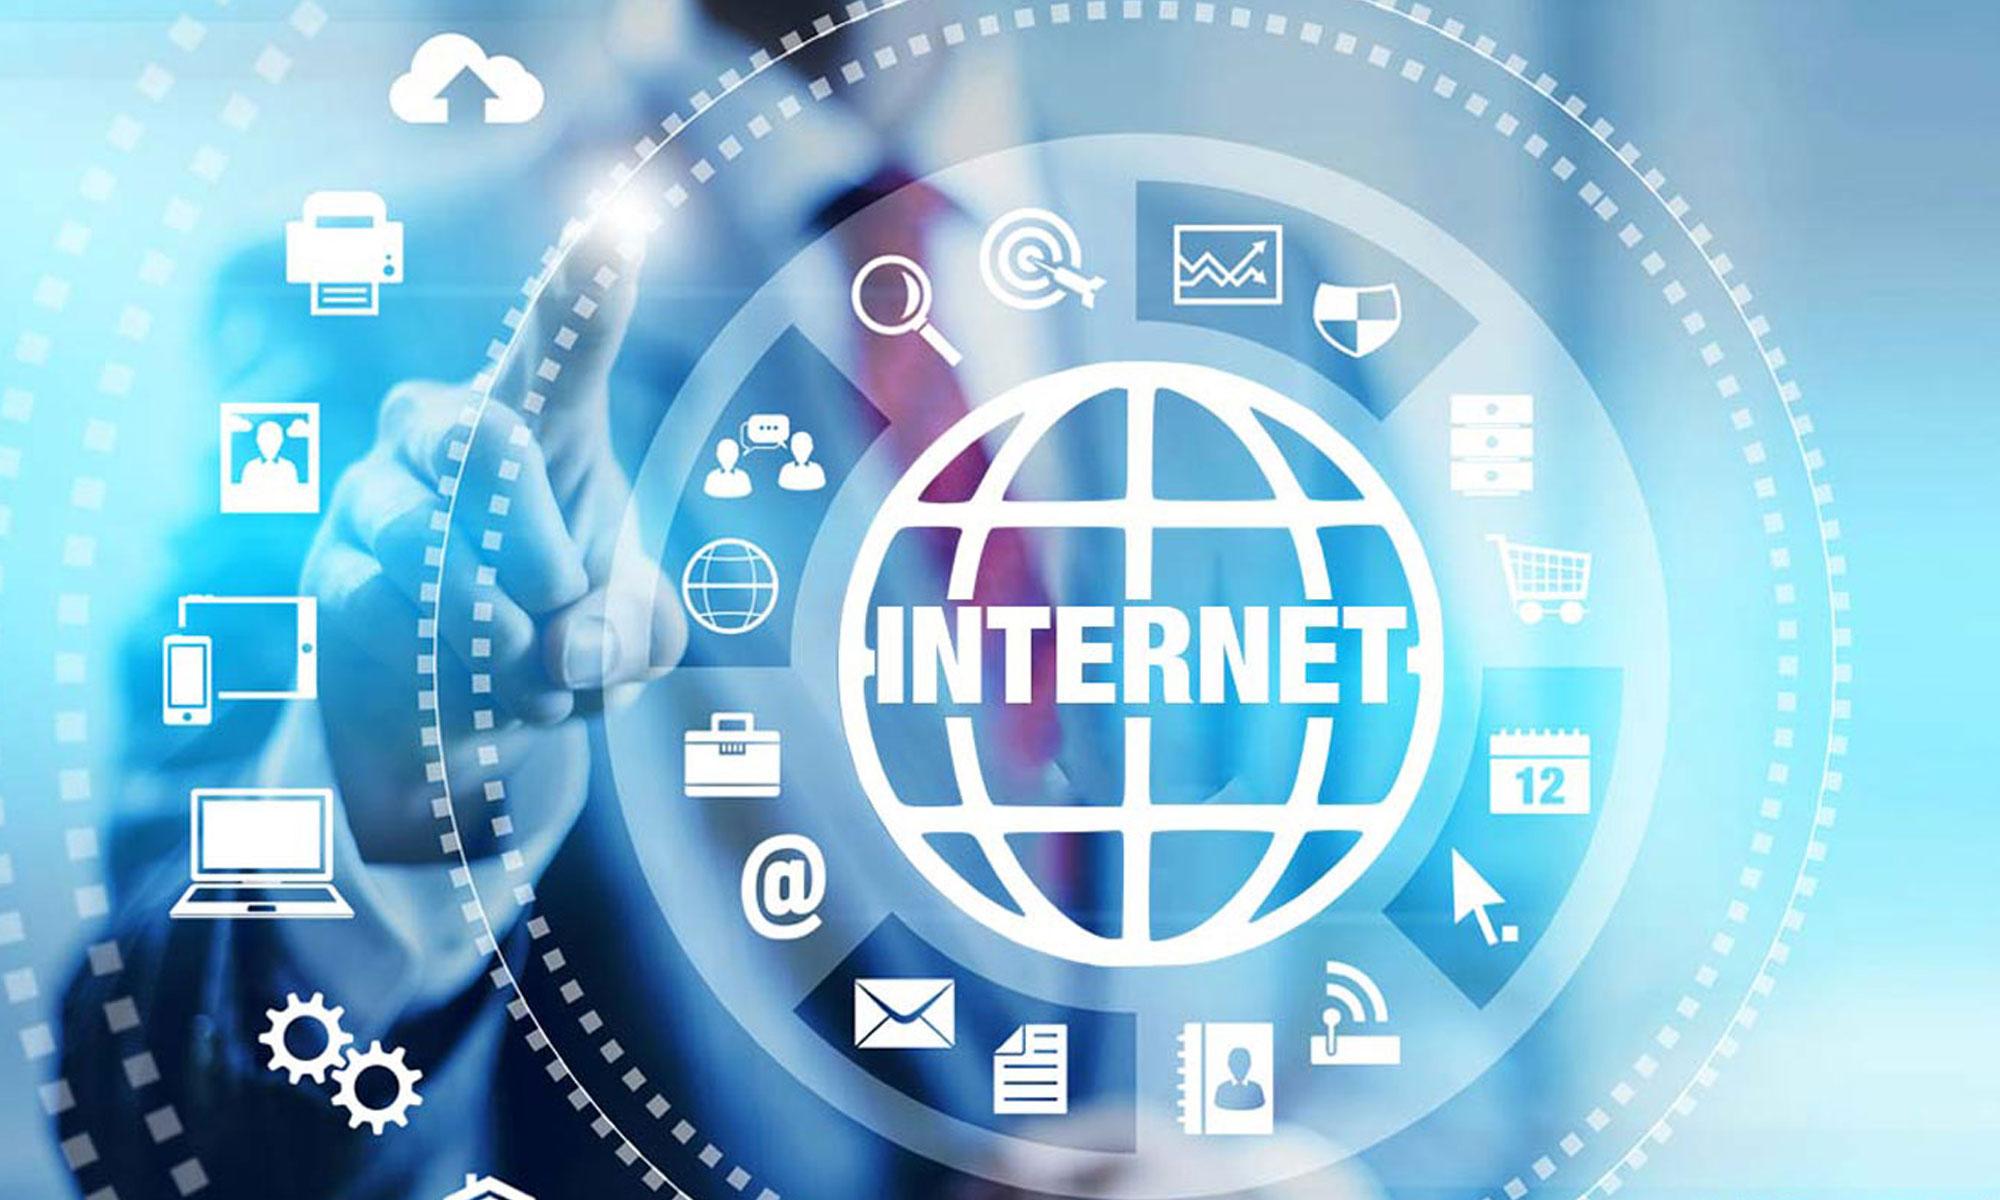 Проведение интернета в частный дом — непростая задача